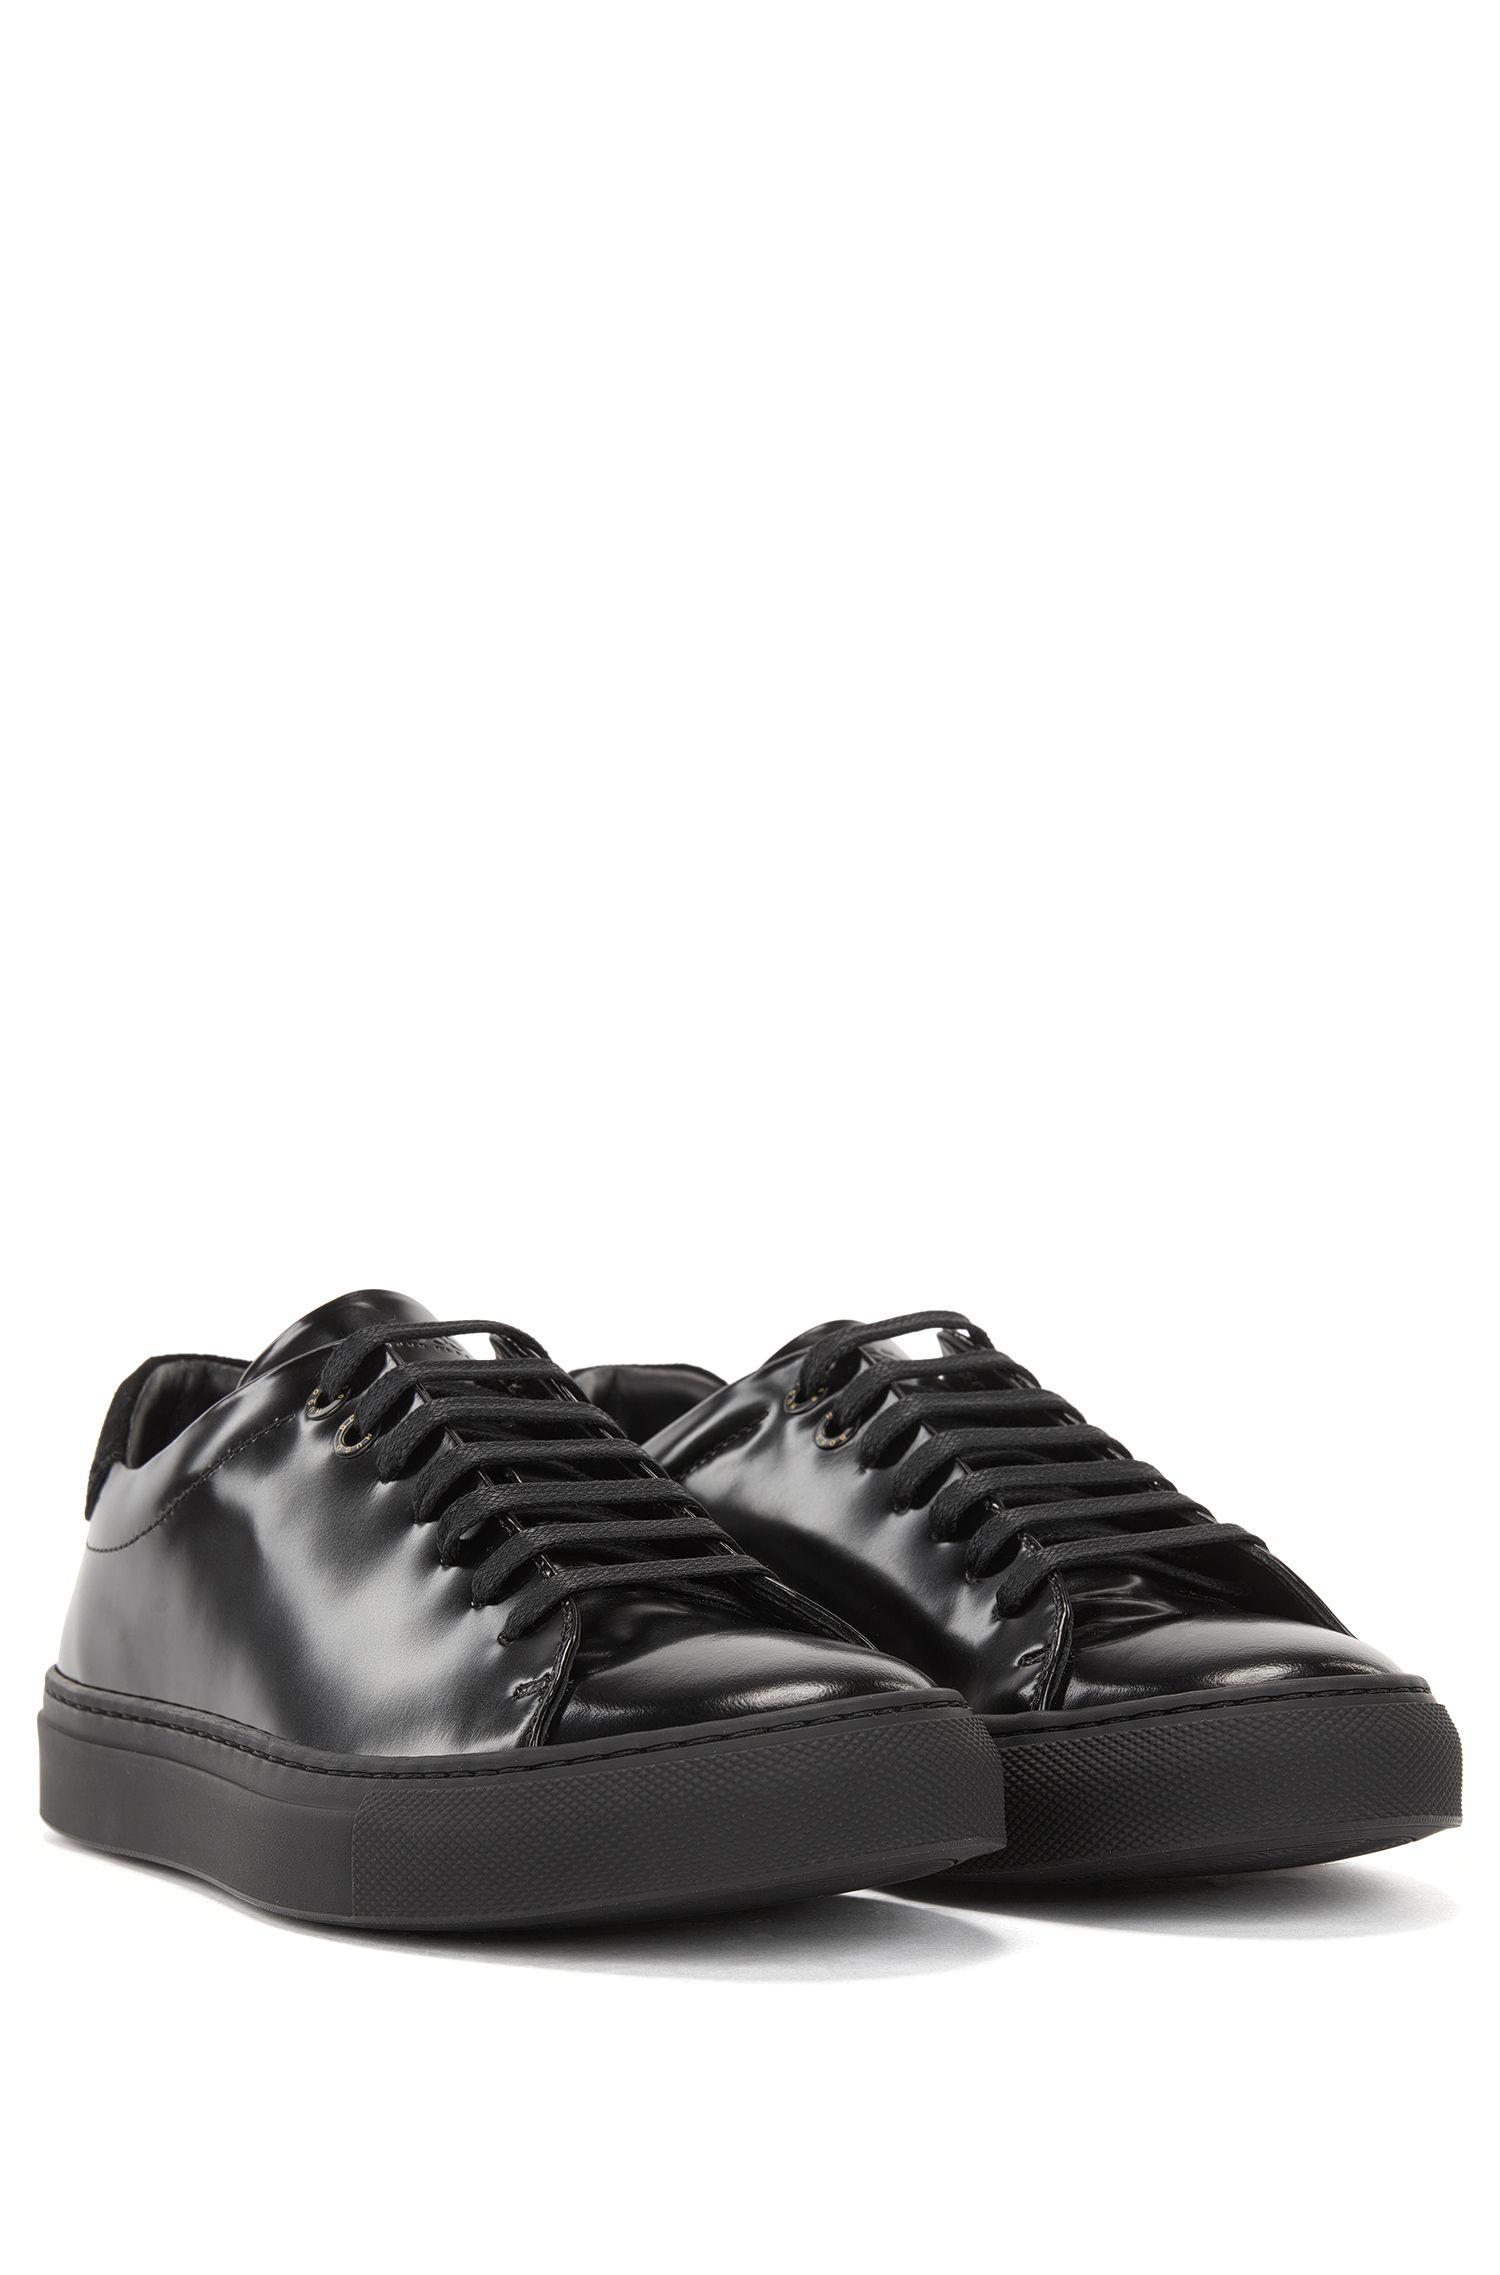 Leather Sneaker | Tenn Low Cut BB, Black